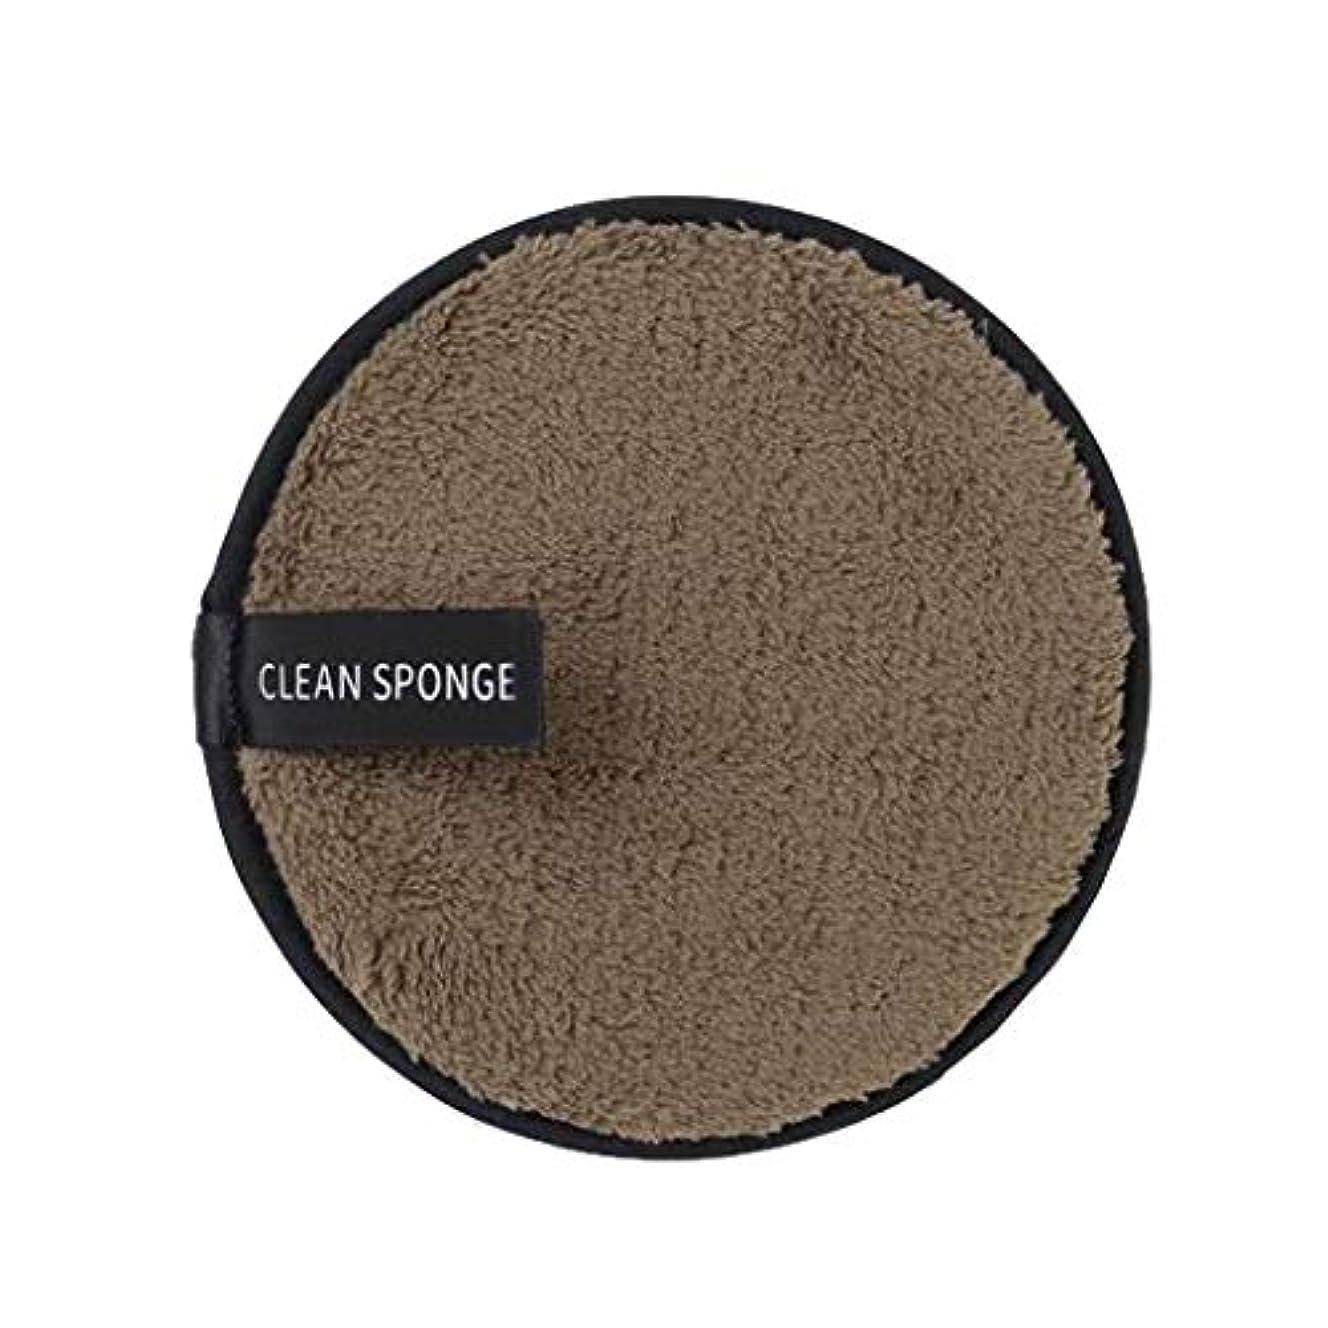 道路を作るプロセスプラグ家Dadela Clean Spongeマイクロファイバーク ロスパッド クリアウォーターレイジー メイクアップ メイク落としパウダー リムーバー クレンジングパフ スキンケア 両面 極細 再利用可能 快適 洗顔 (B)